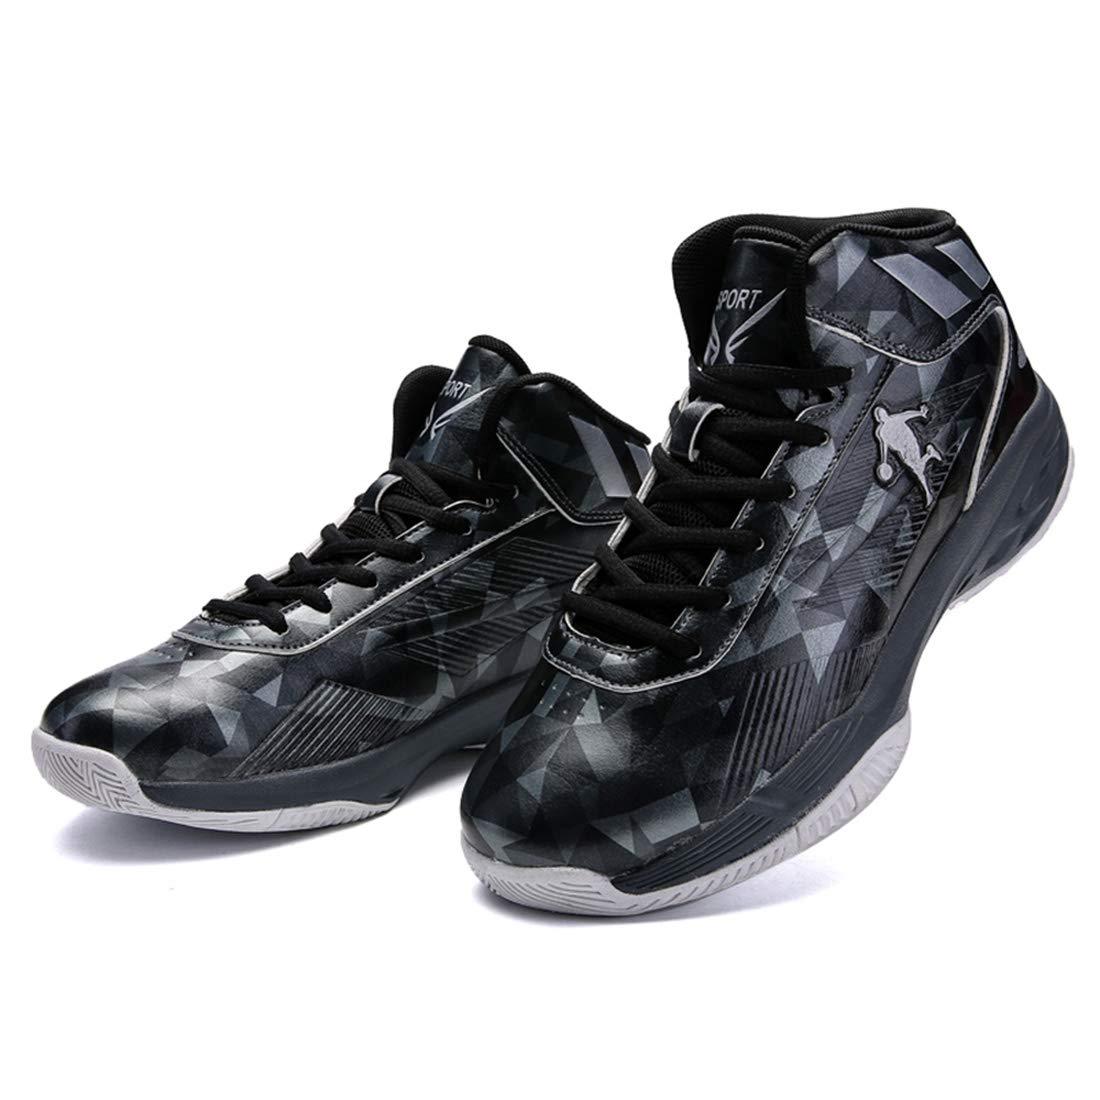 DANDANJIE Männer Basketball Schuhe Sport Atmungsaktive Outdoor-Trainer Anti-Skid-Wanderschuhe Anti-Skid-Wanderschuhe Anti-Skid-Wanderschuhe eda082